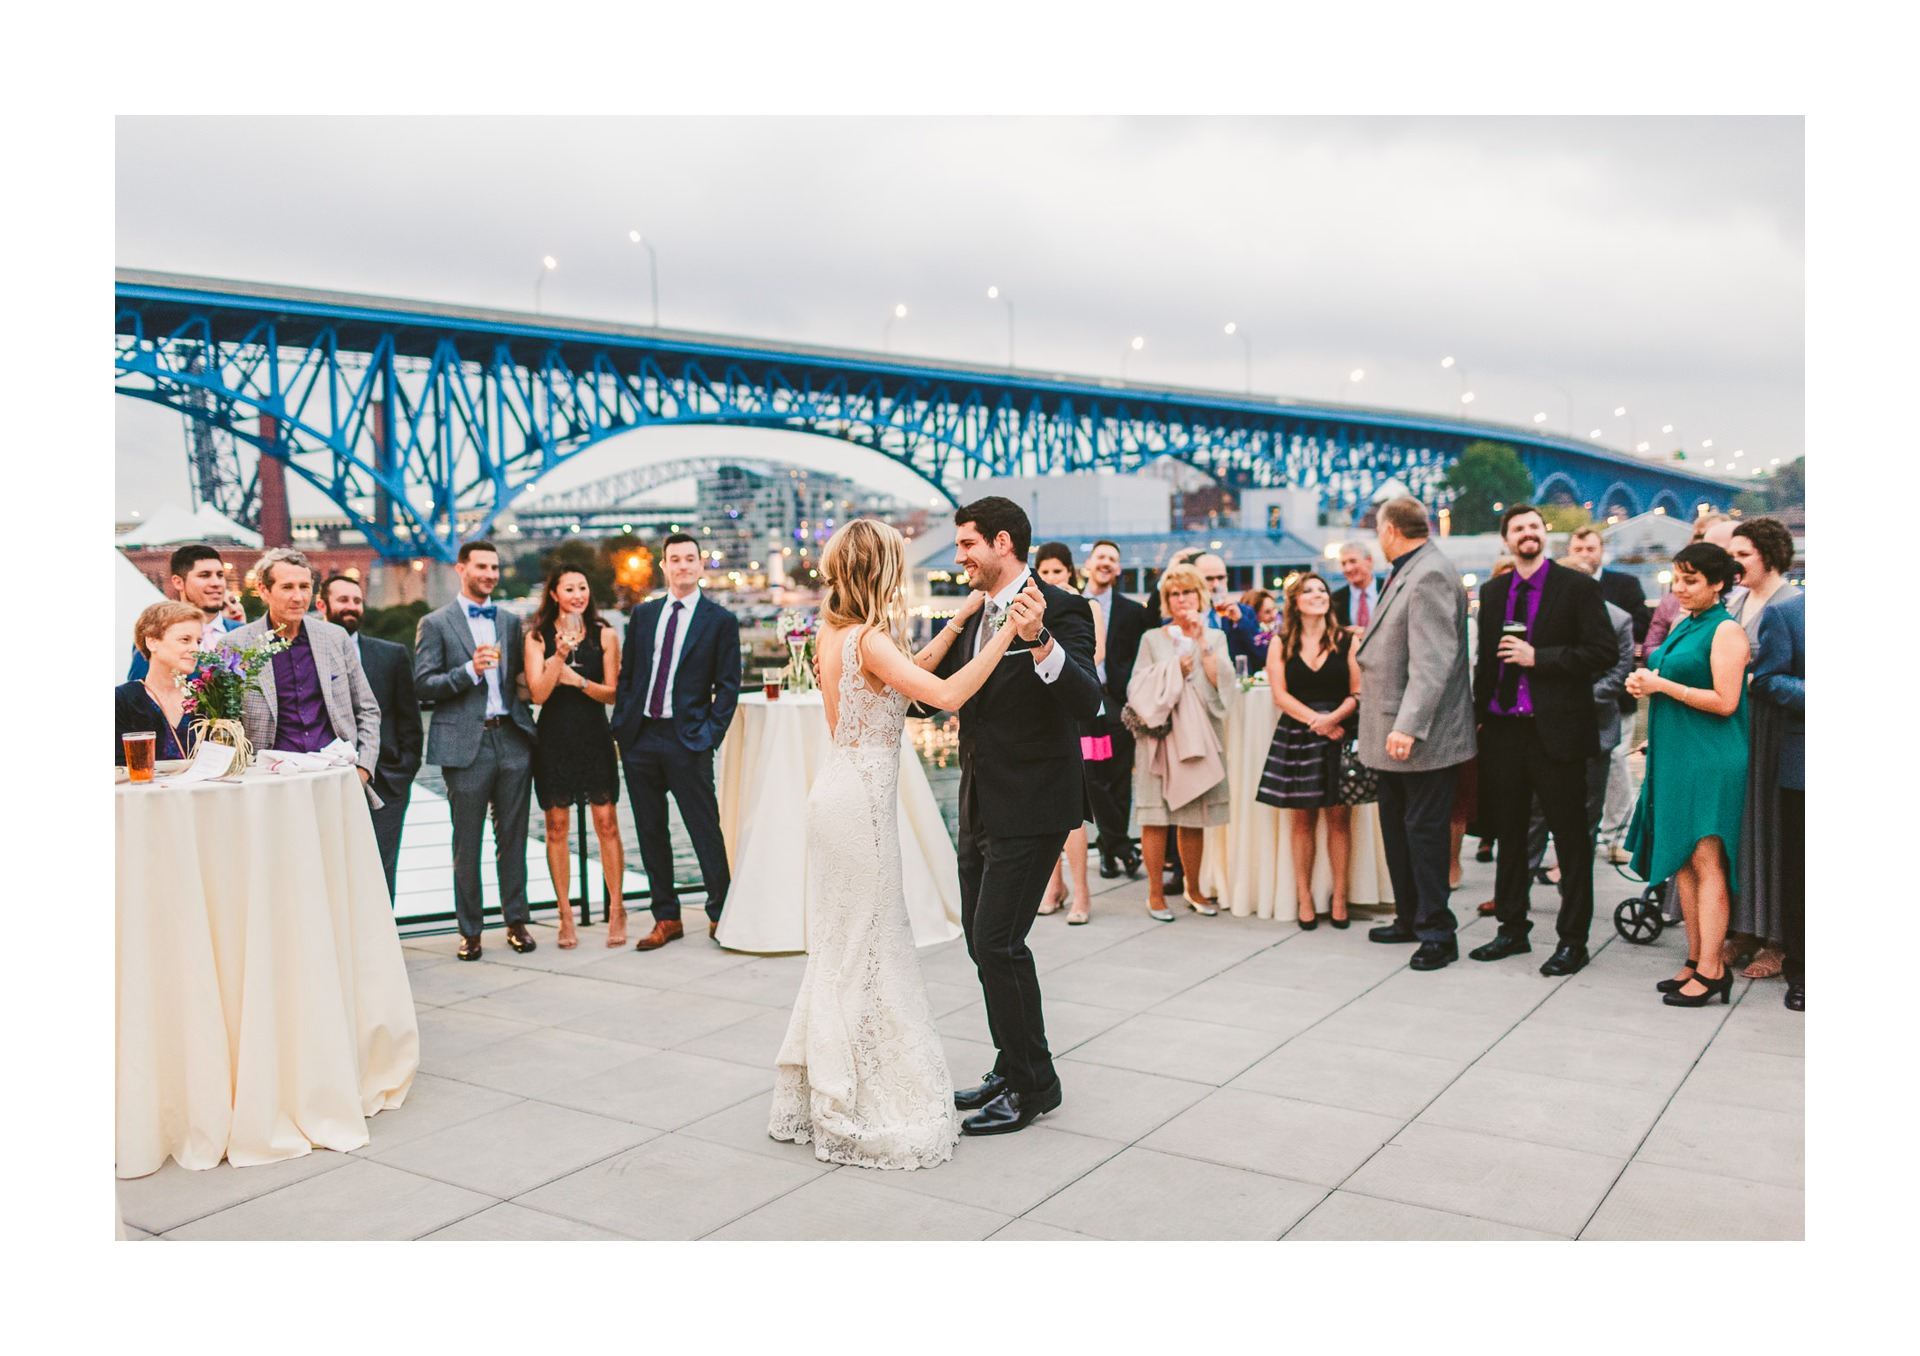 Aloft Hotel Alley Cat Oyster Bar Wedding in Cleveland 58.jpg